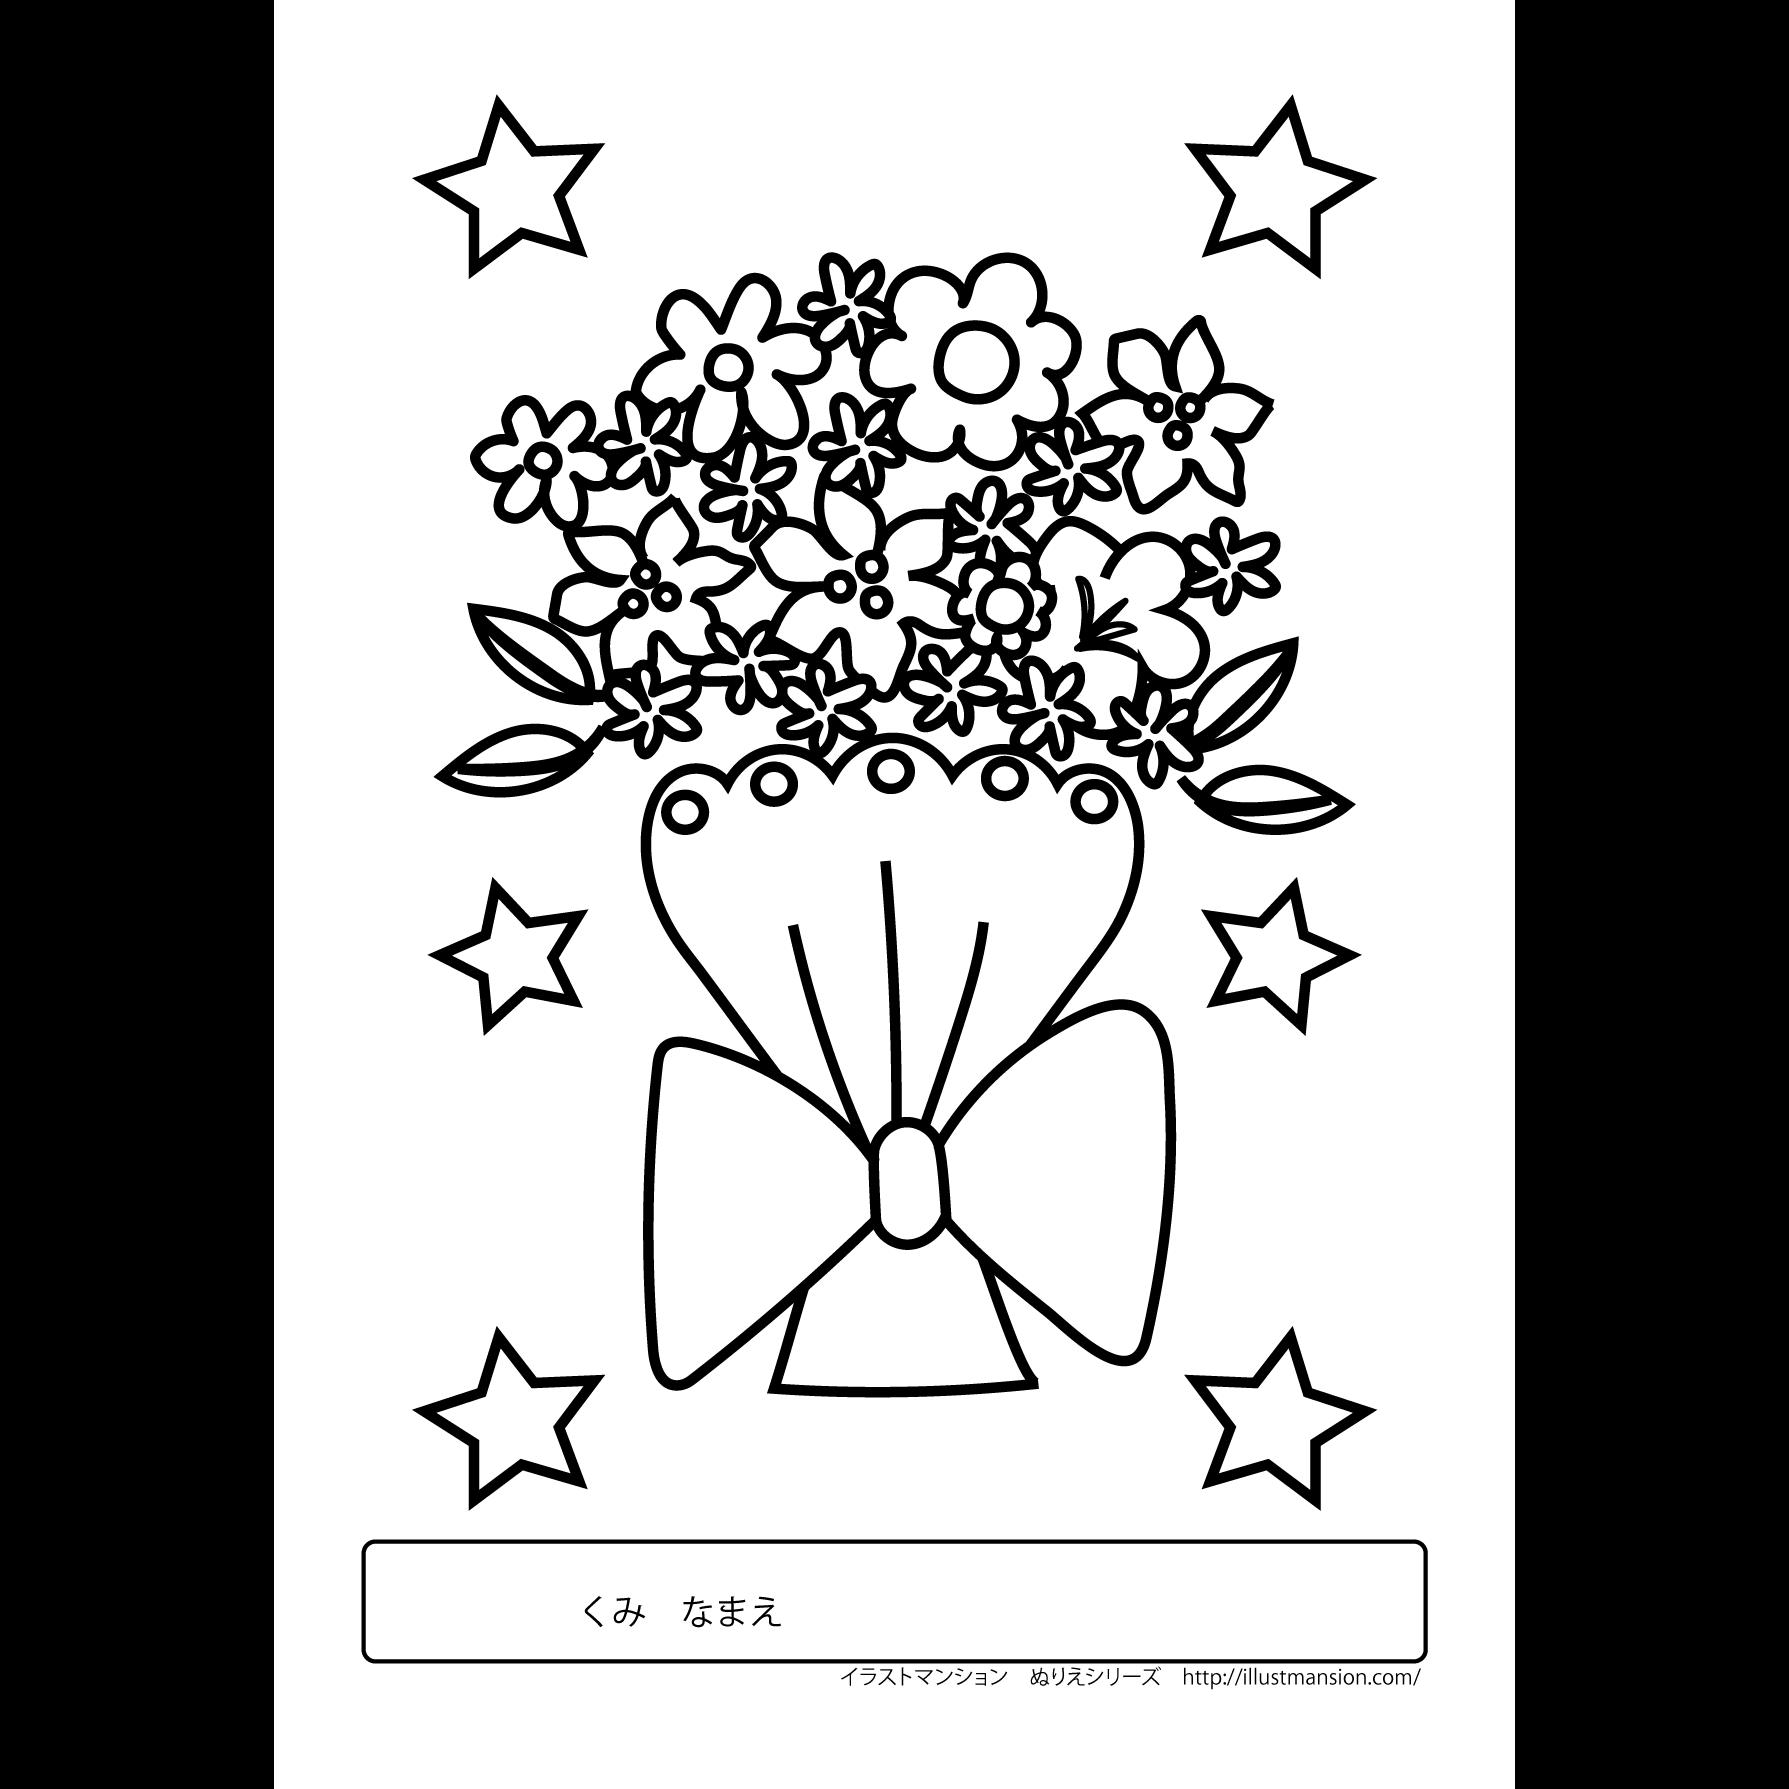 お花花束のかわいい塗り絵ぬりえイラスト 商用フリー無料